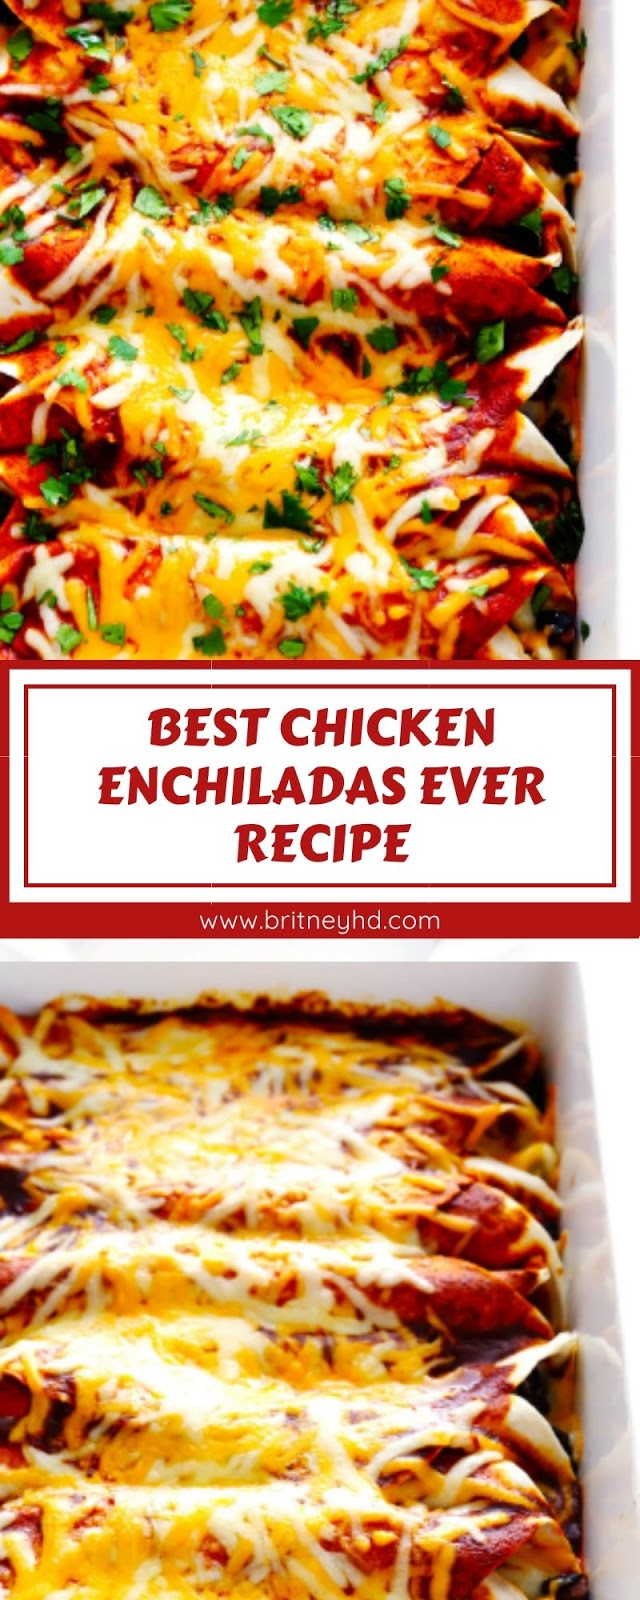 BEST CHICKEN ENCHILADAS EVER RECIPE